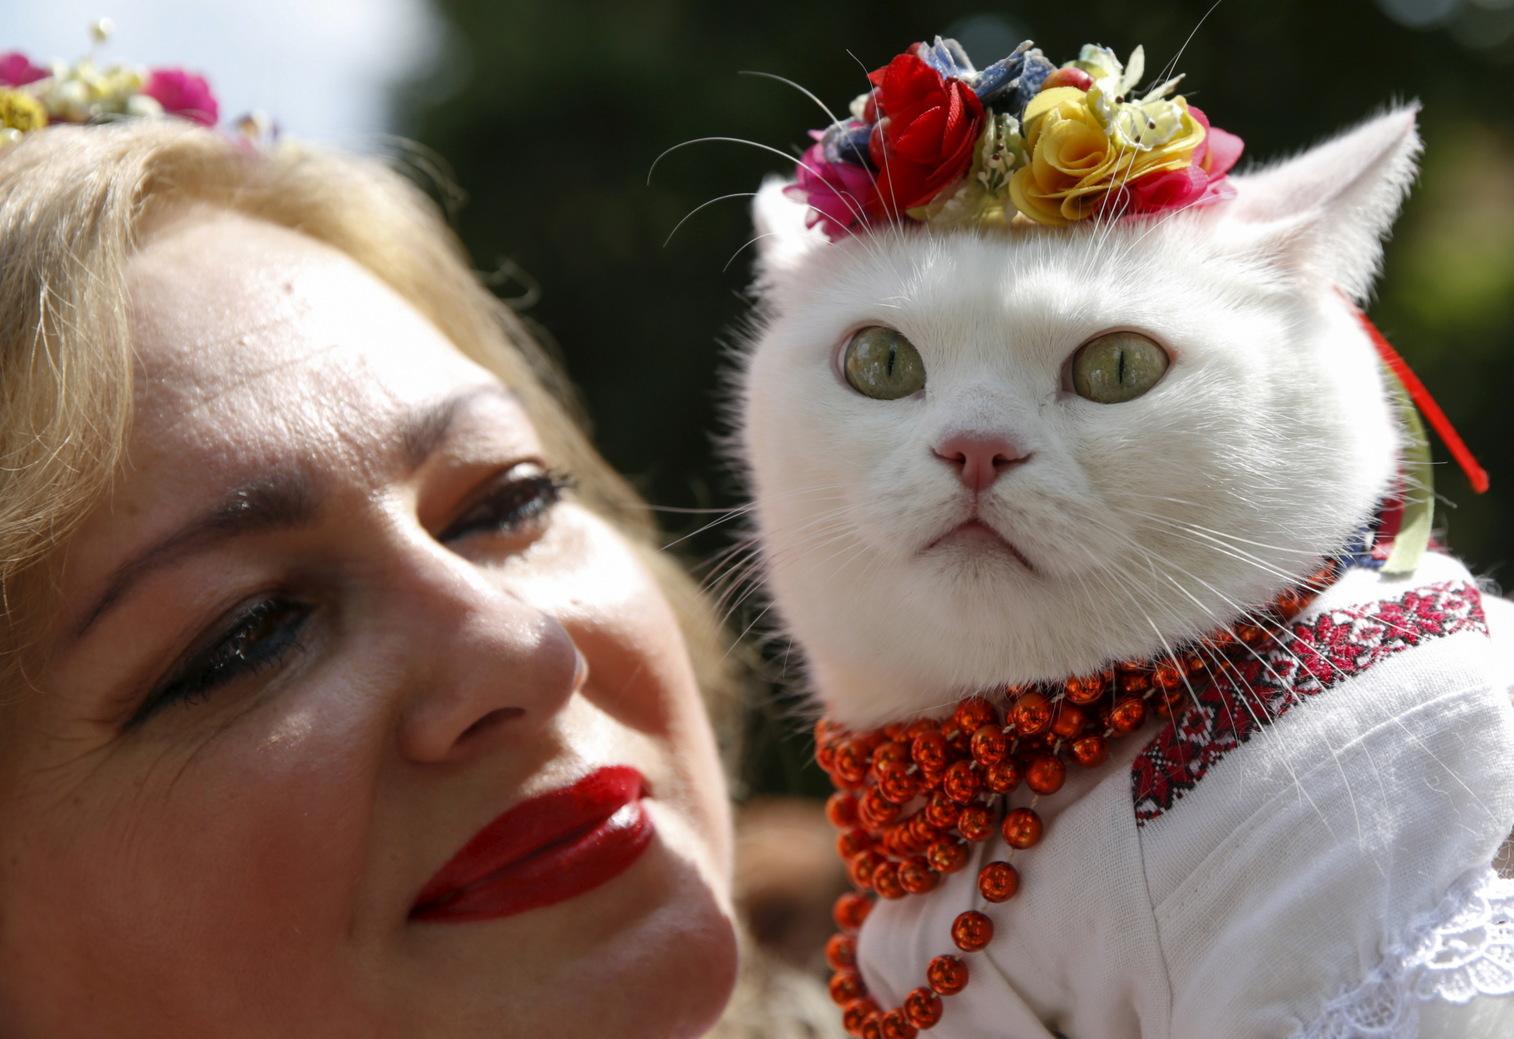 Egy nő tradicionális ukrán ruhában macskájával Kijevben. (Fotó: Reuters/Valentyn Ogirenko)